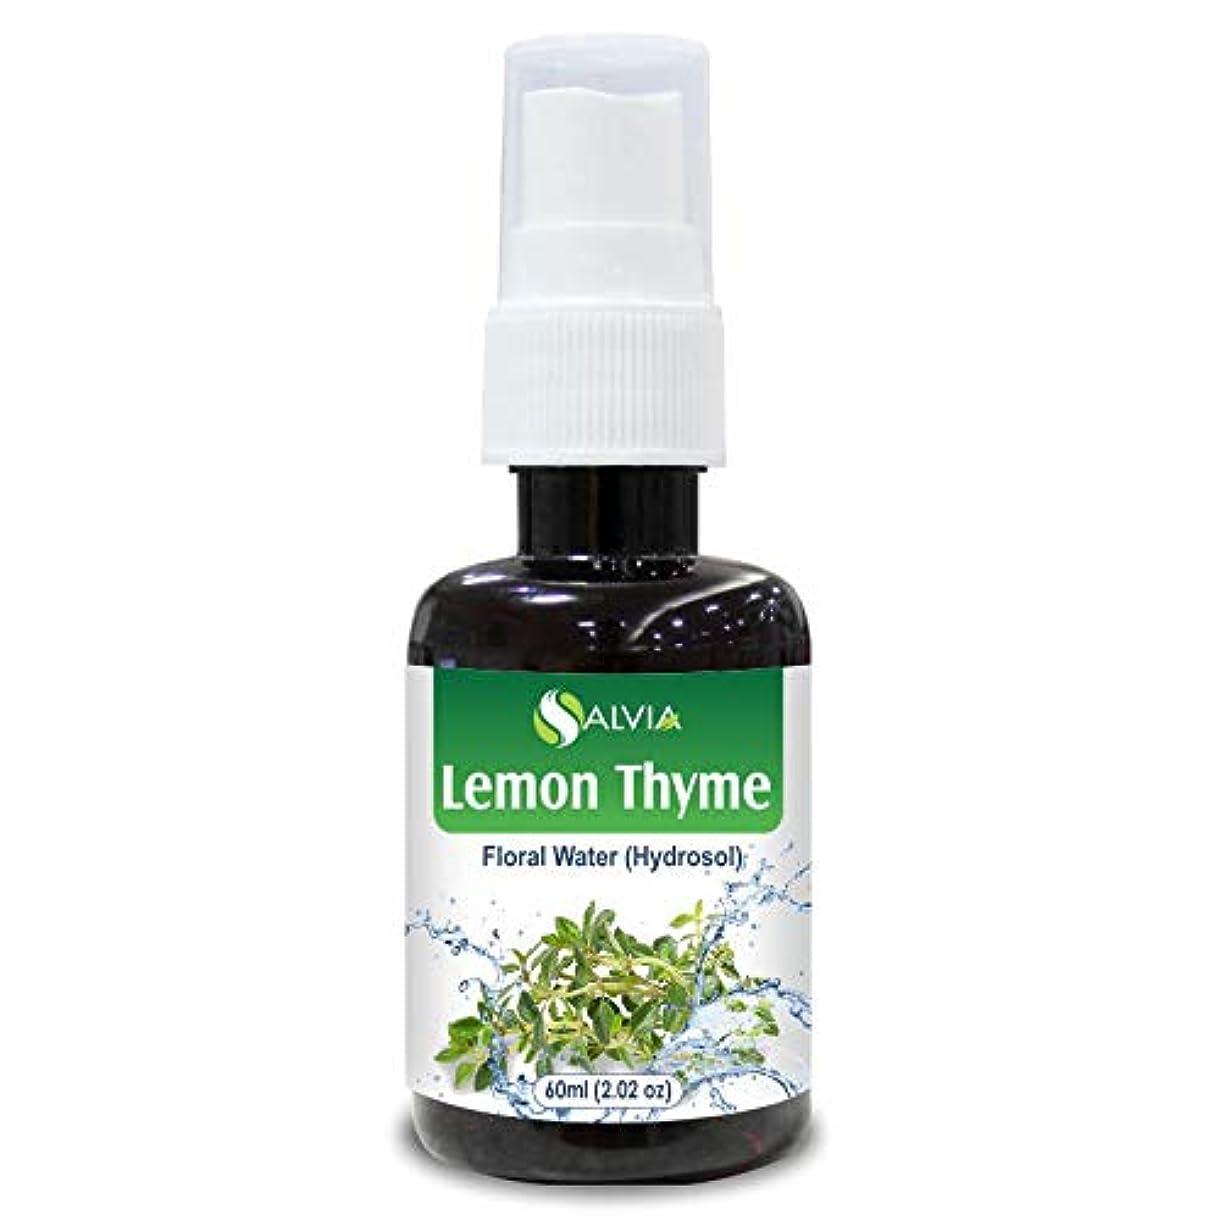 錫貯水池ゴネリルLemon Thyme Floral Water 60ml (Hydrosol) 100% Pure And Natural